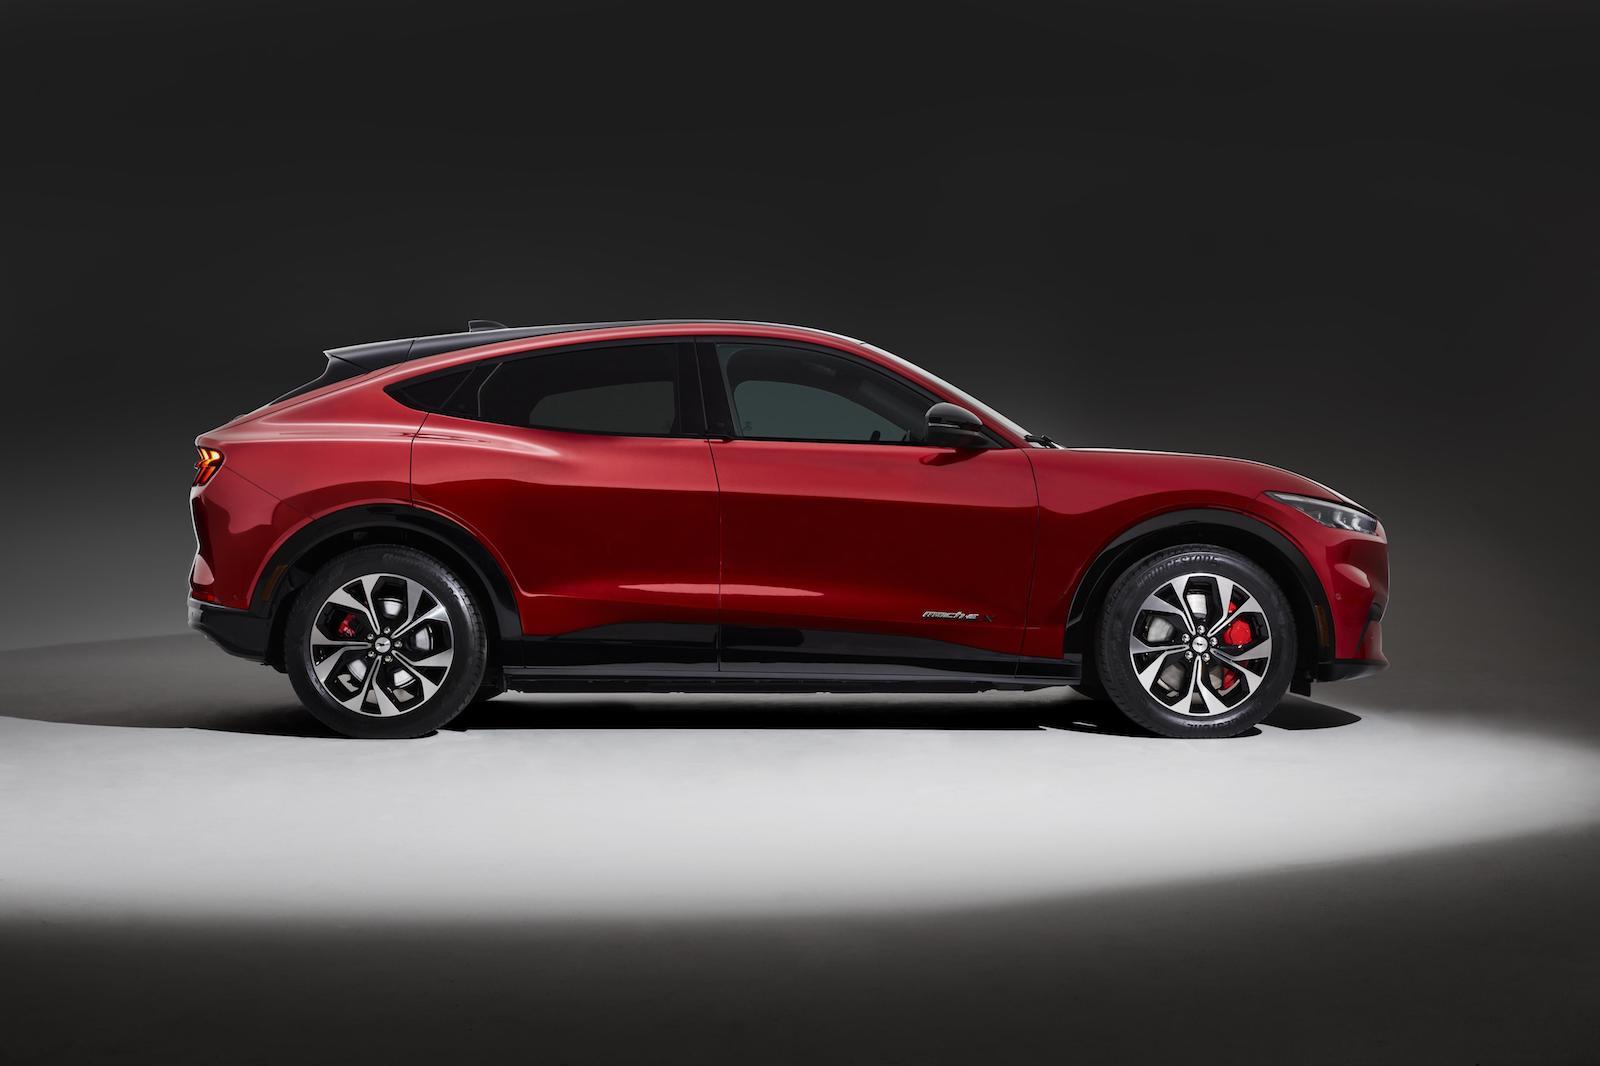 Nuevo Ford Mustang Mache E 10